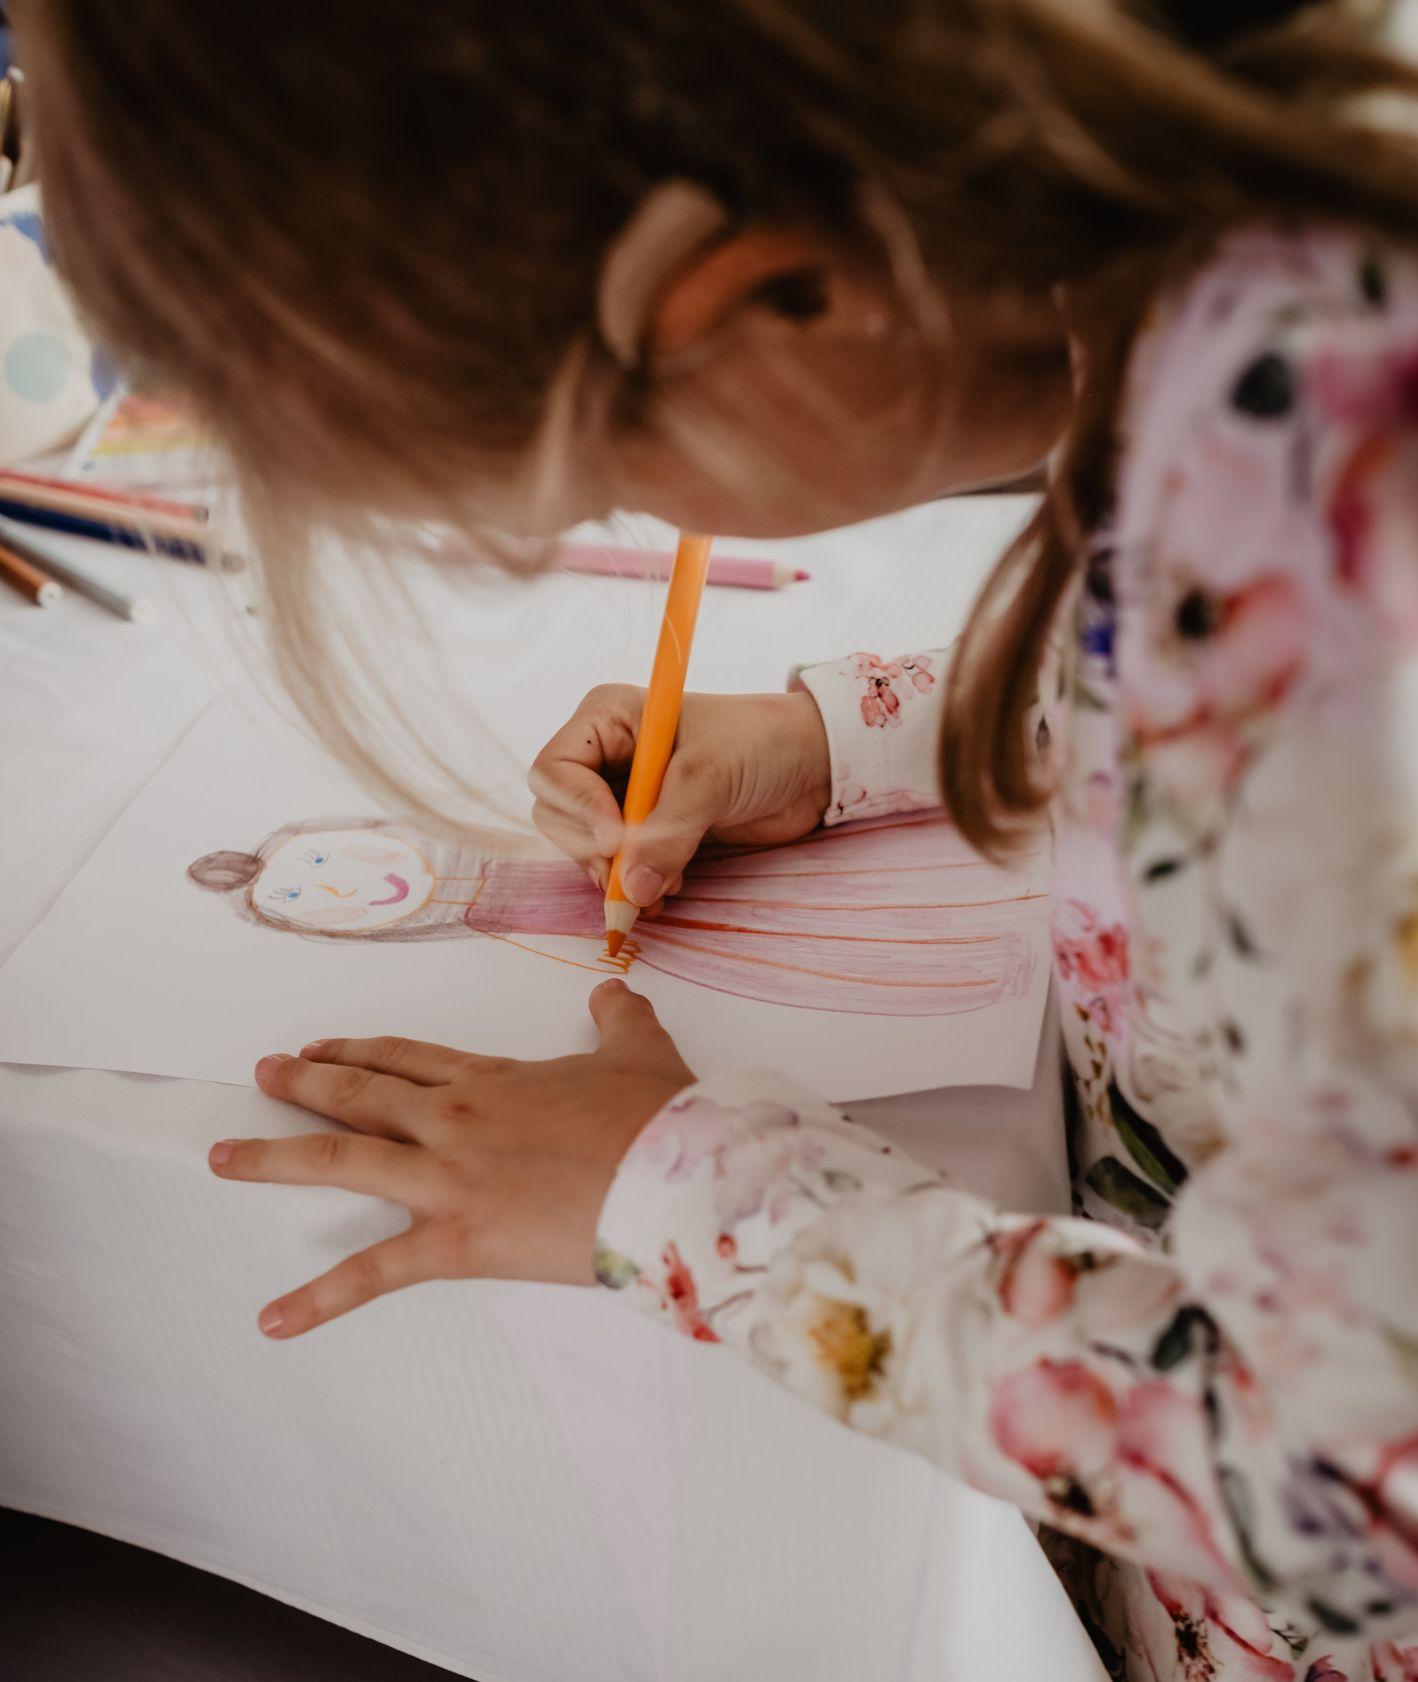 Dziewczynka rysująca kredkami (fot. Victoria Priessnitz / unsplash.com)